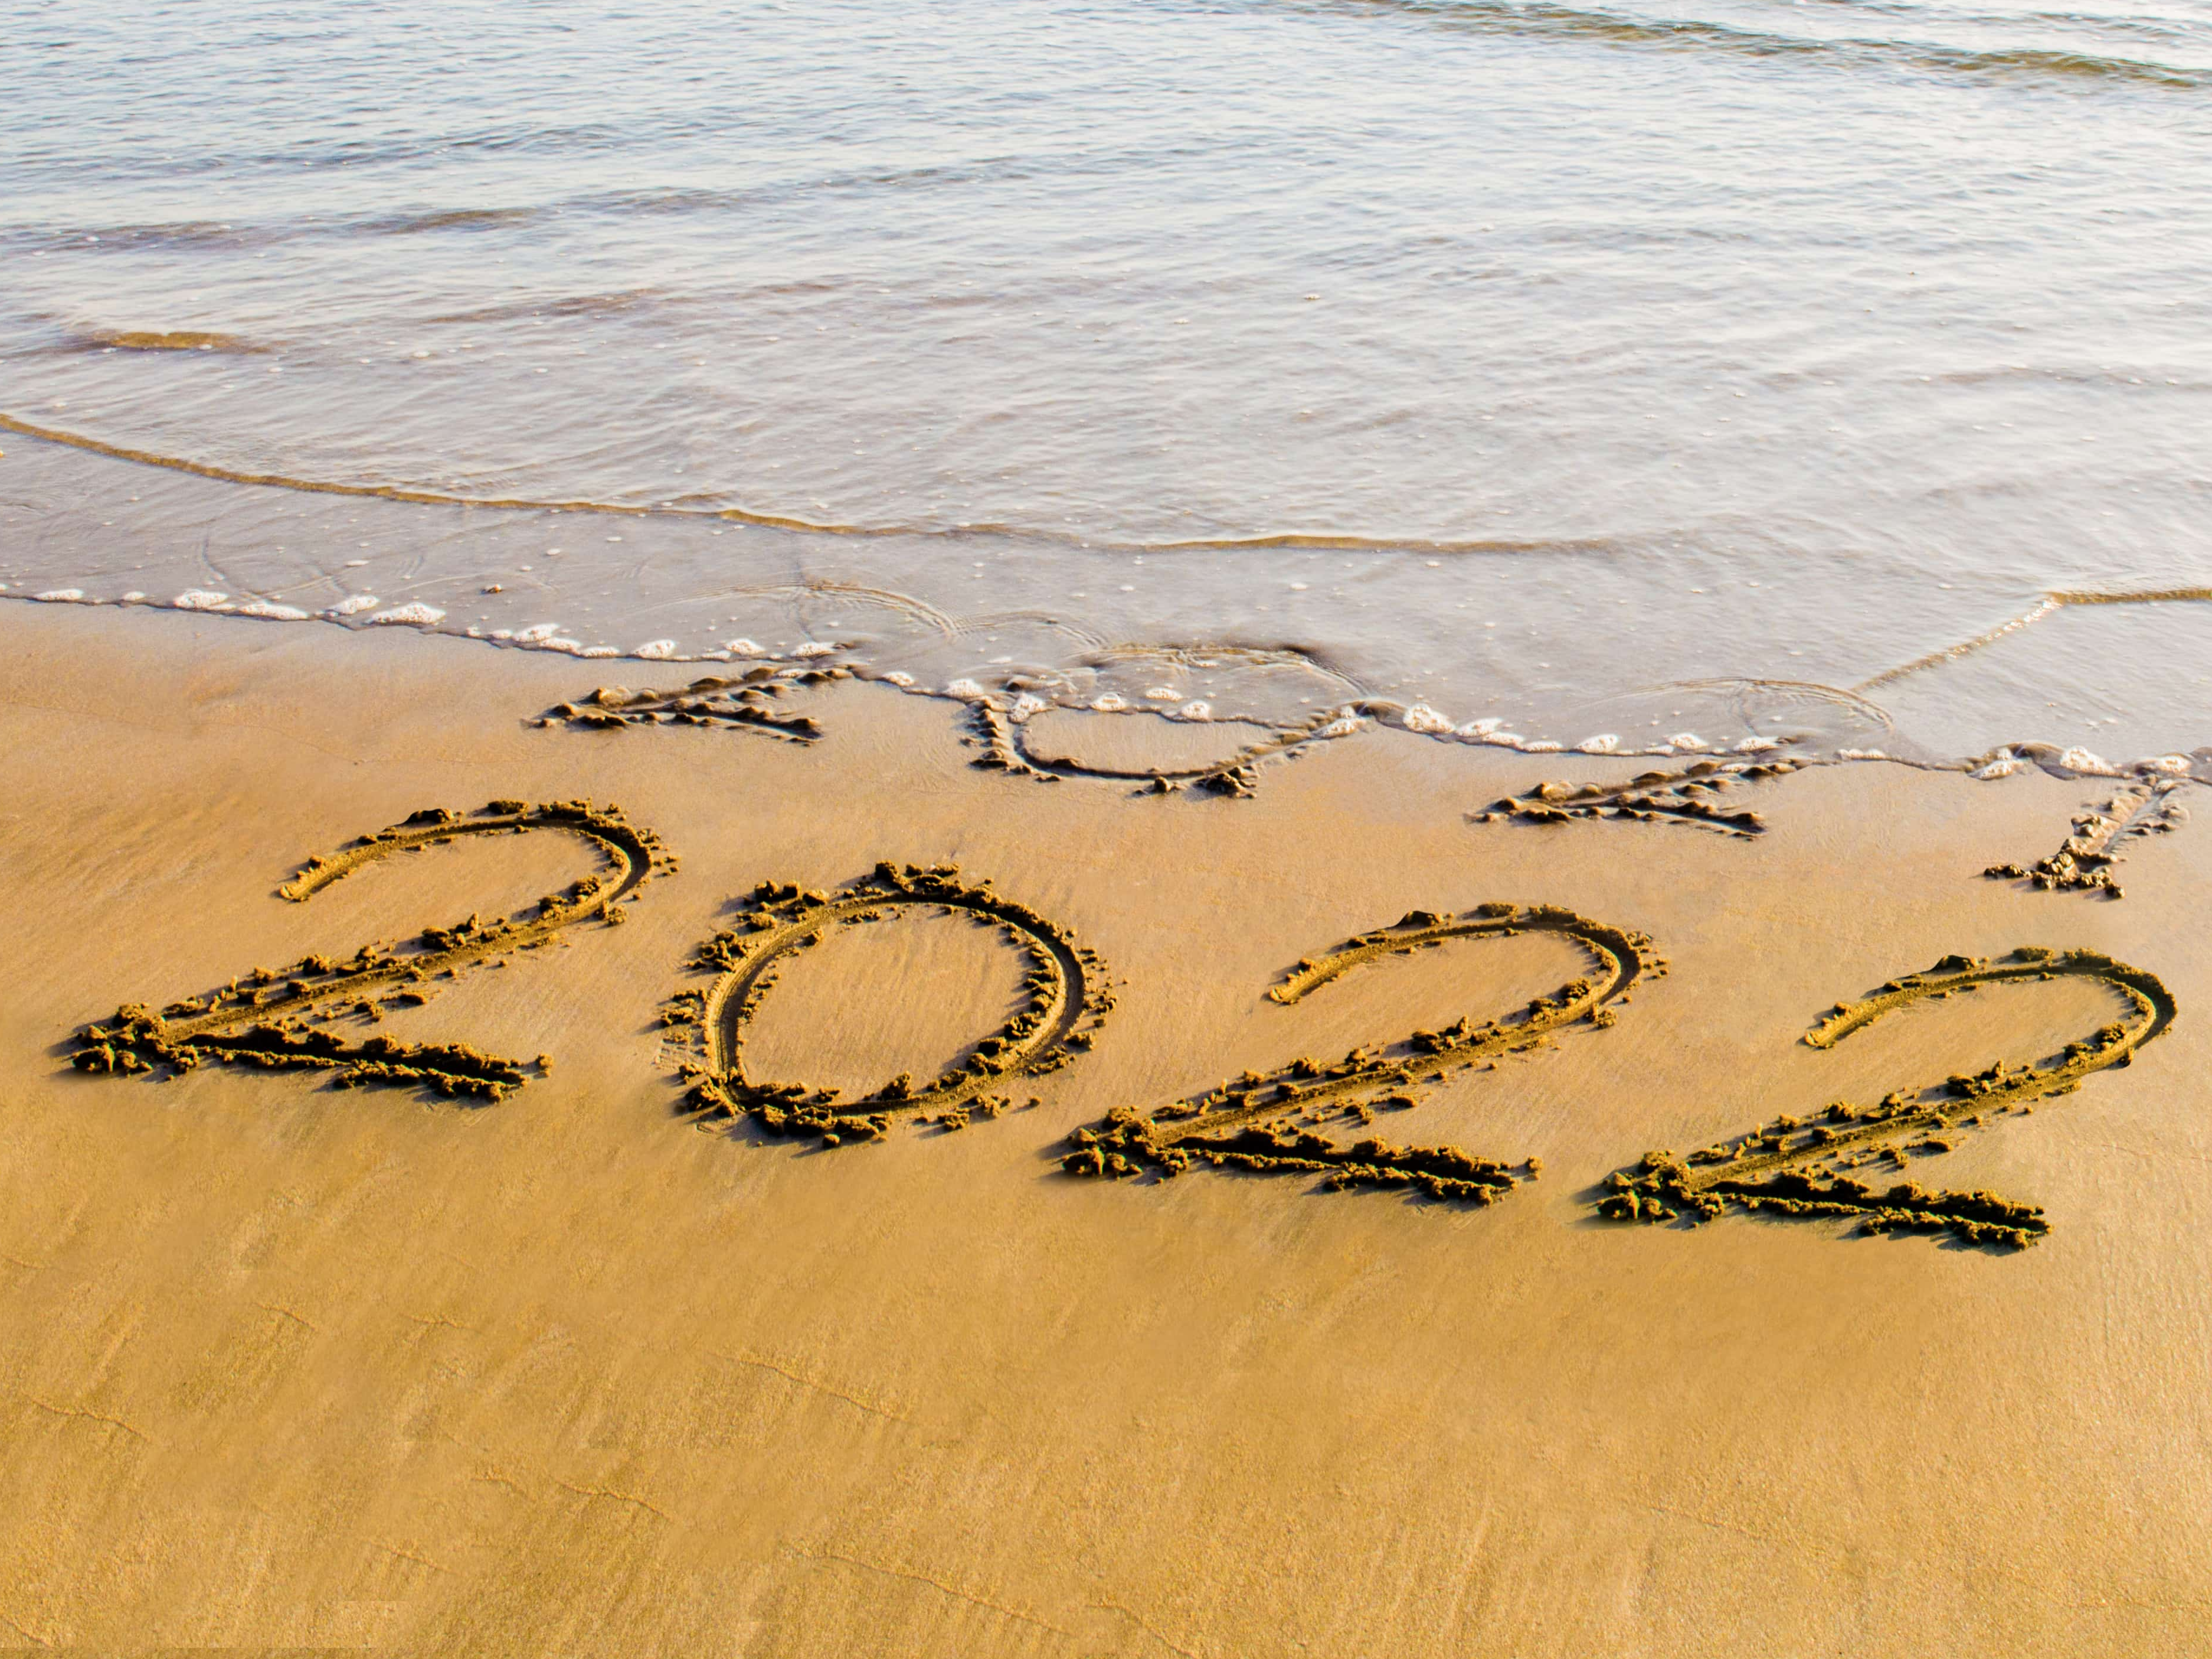 2022 written on the sand